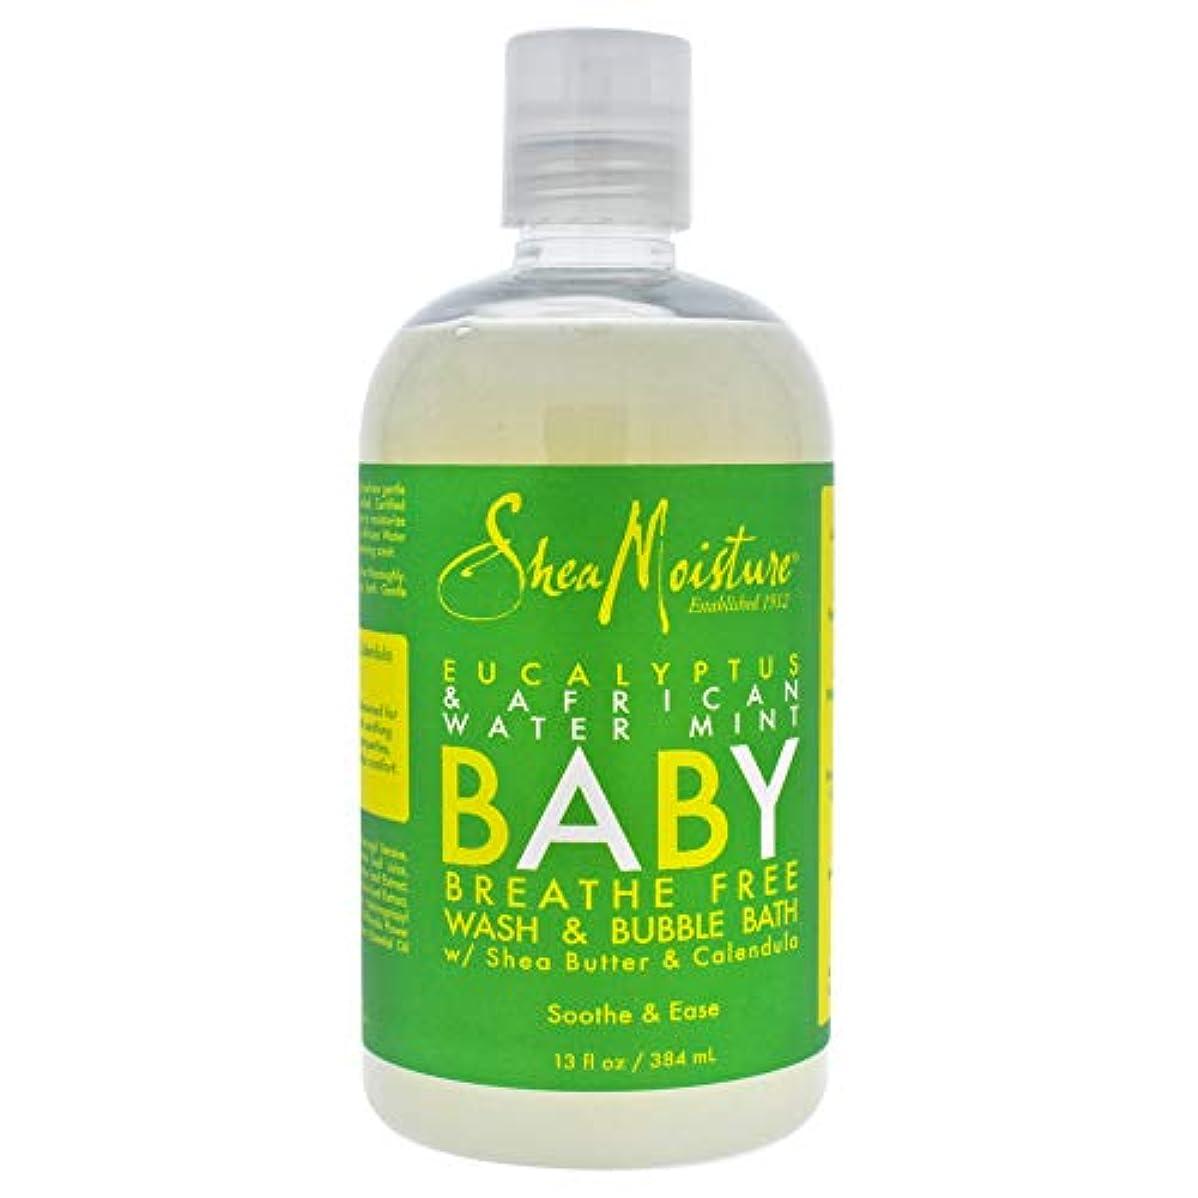 目立つフェンス嘆願Eucalyptus & African Water Mint Baby Breathe Free Wash & Bubble Bath